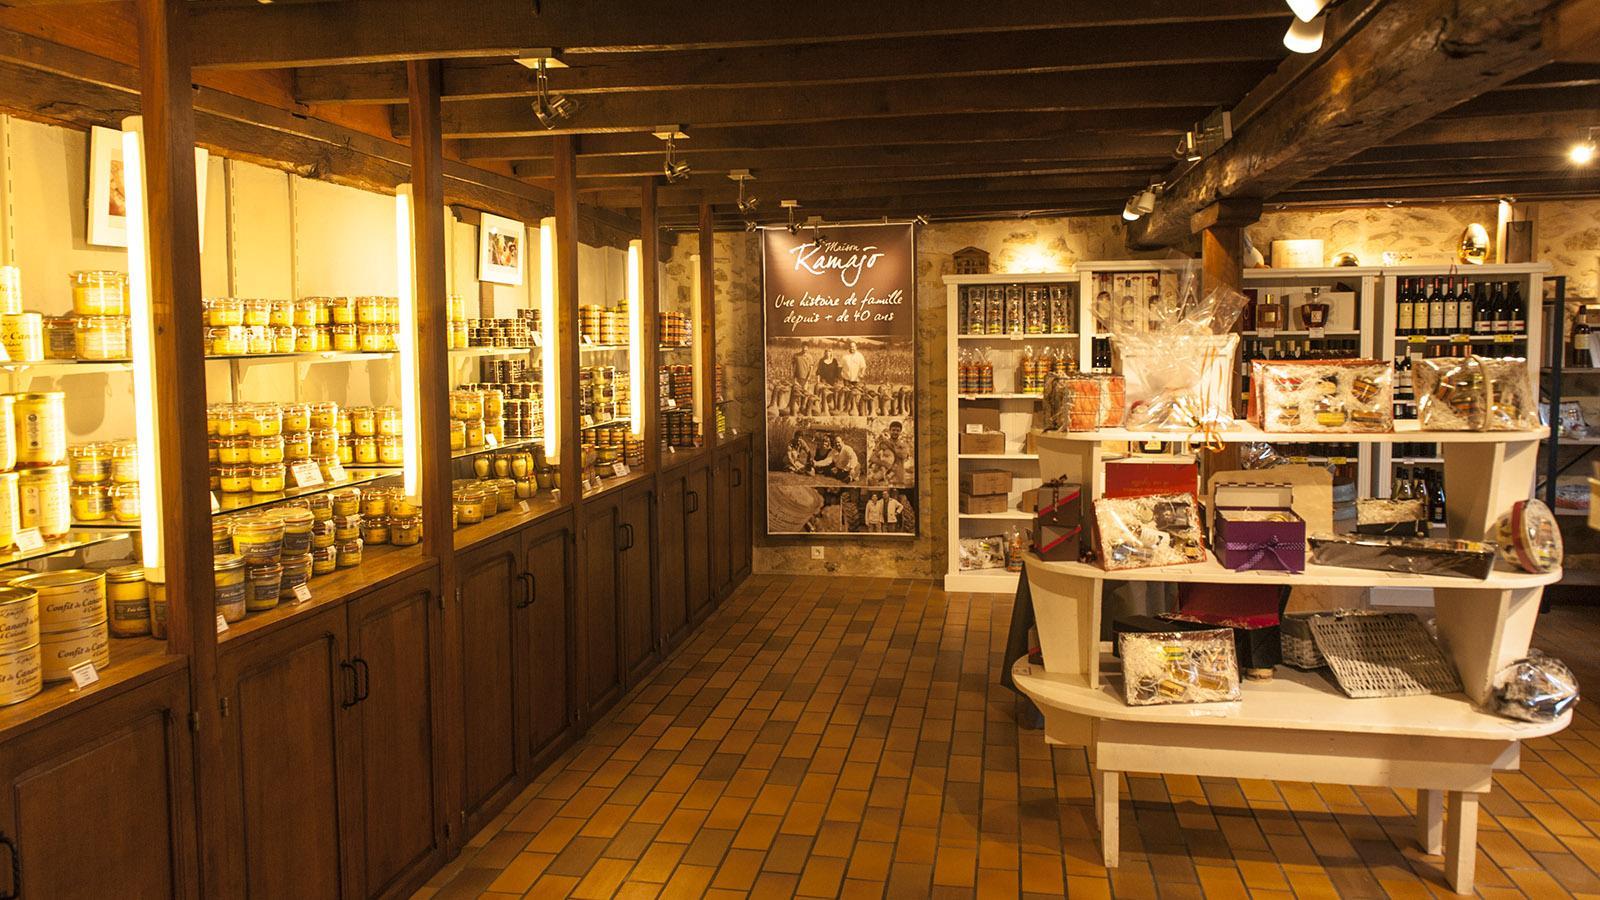 Foie Gras, Der Hofladen von Ramajo. Foto: Hilke Maunder